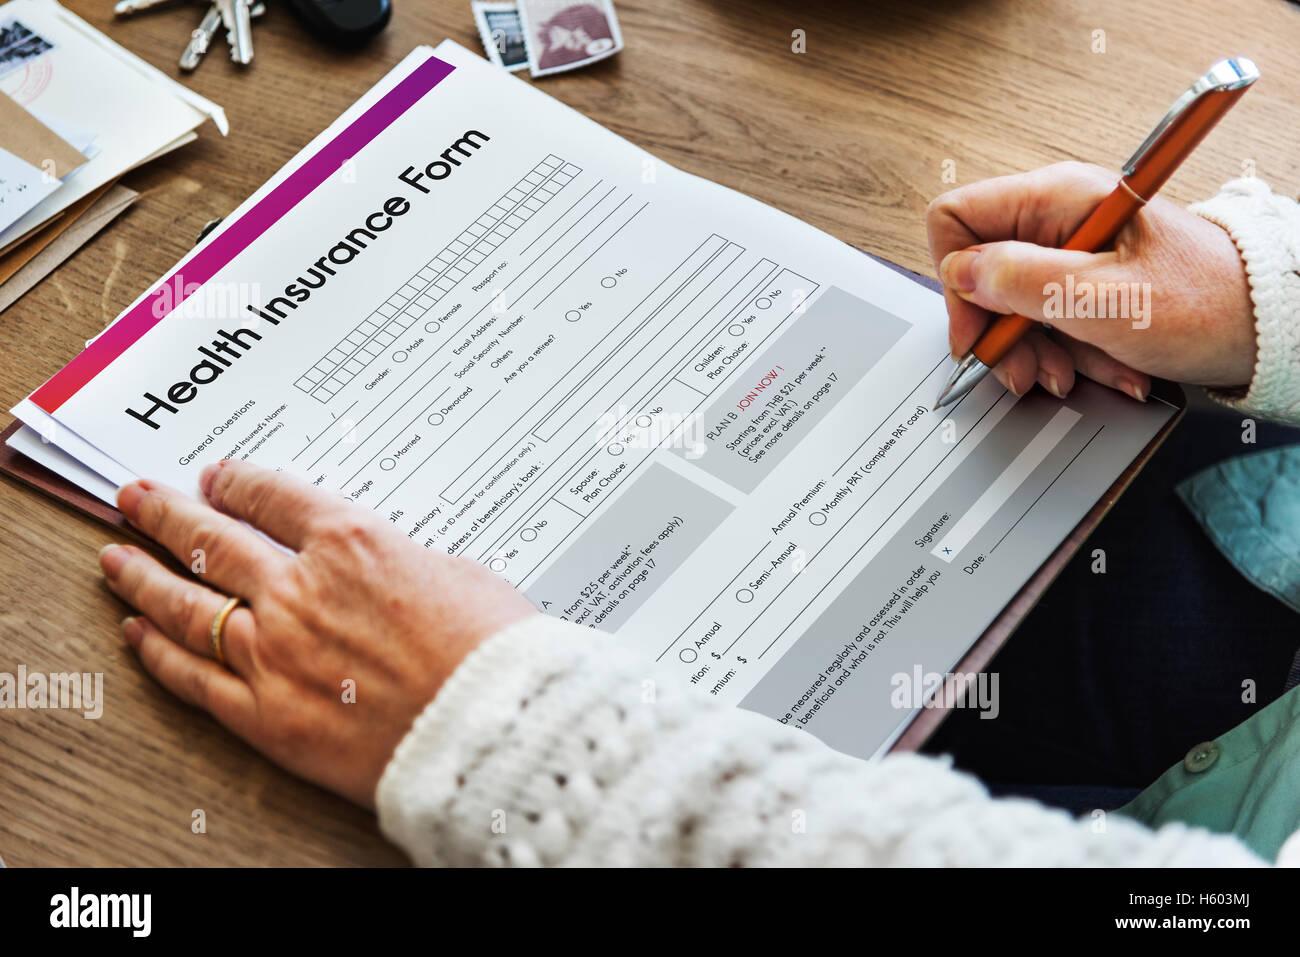 Seguro de Salud El concepto de formulario de salud Imagen De Stock